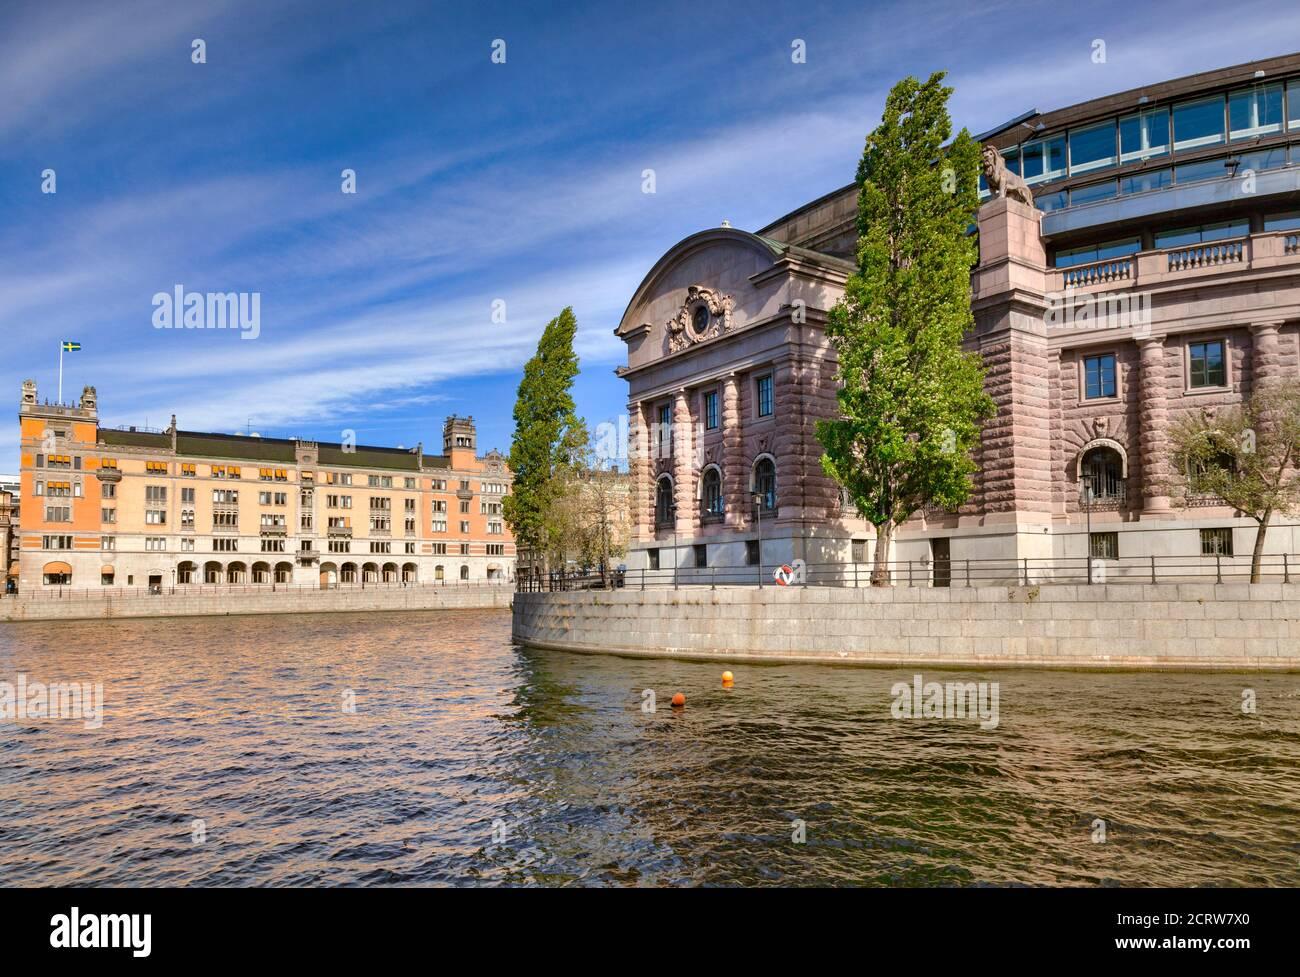 16 septembre 2018: Stockholm, Suède - Parlement à côté de la voie navigable Lilla Vartan, un jour d'automne ensoleillé, avec vue sur l'eau. Banque D'Images